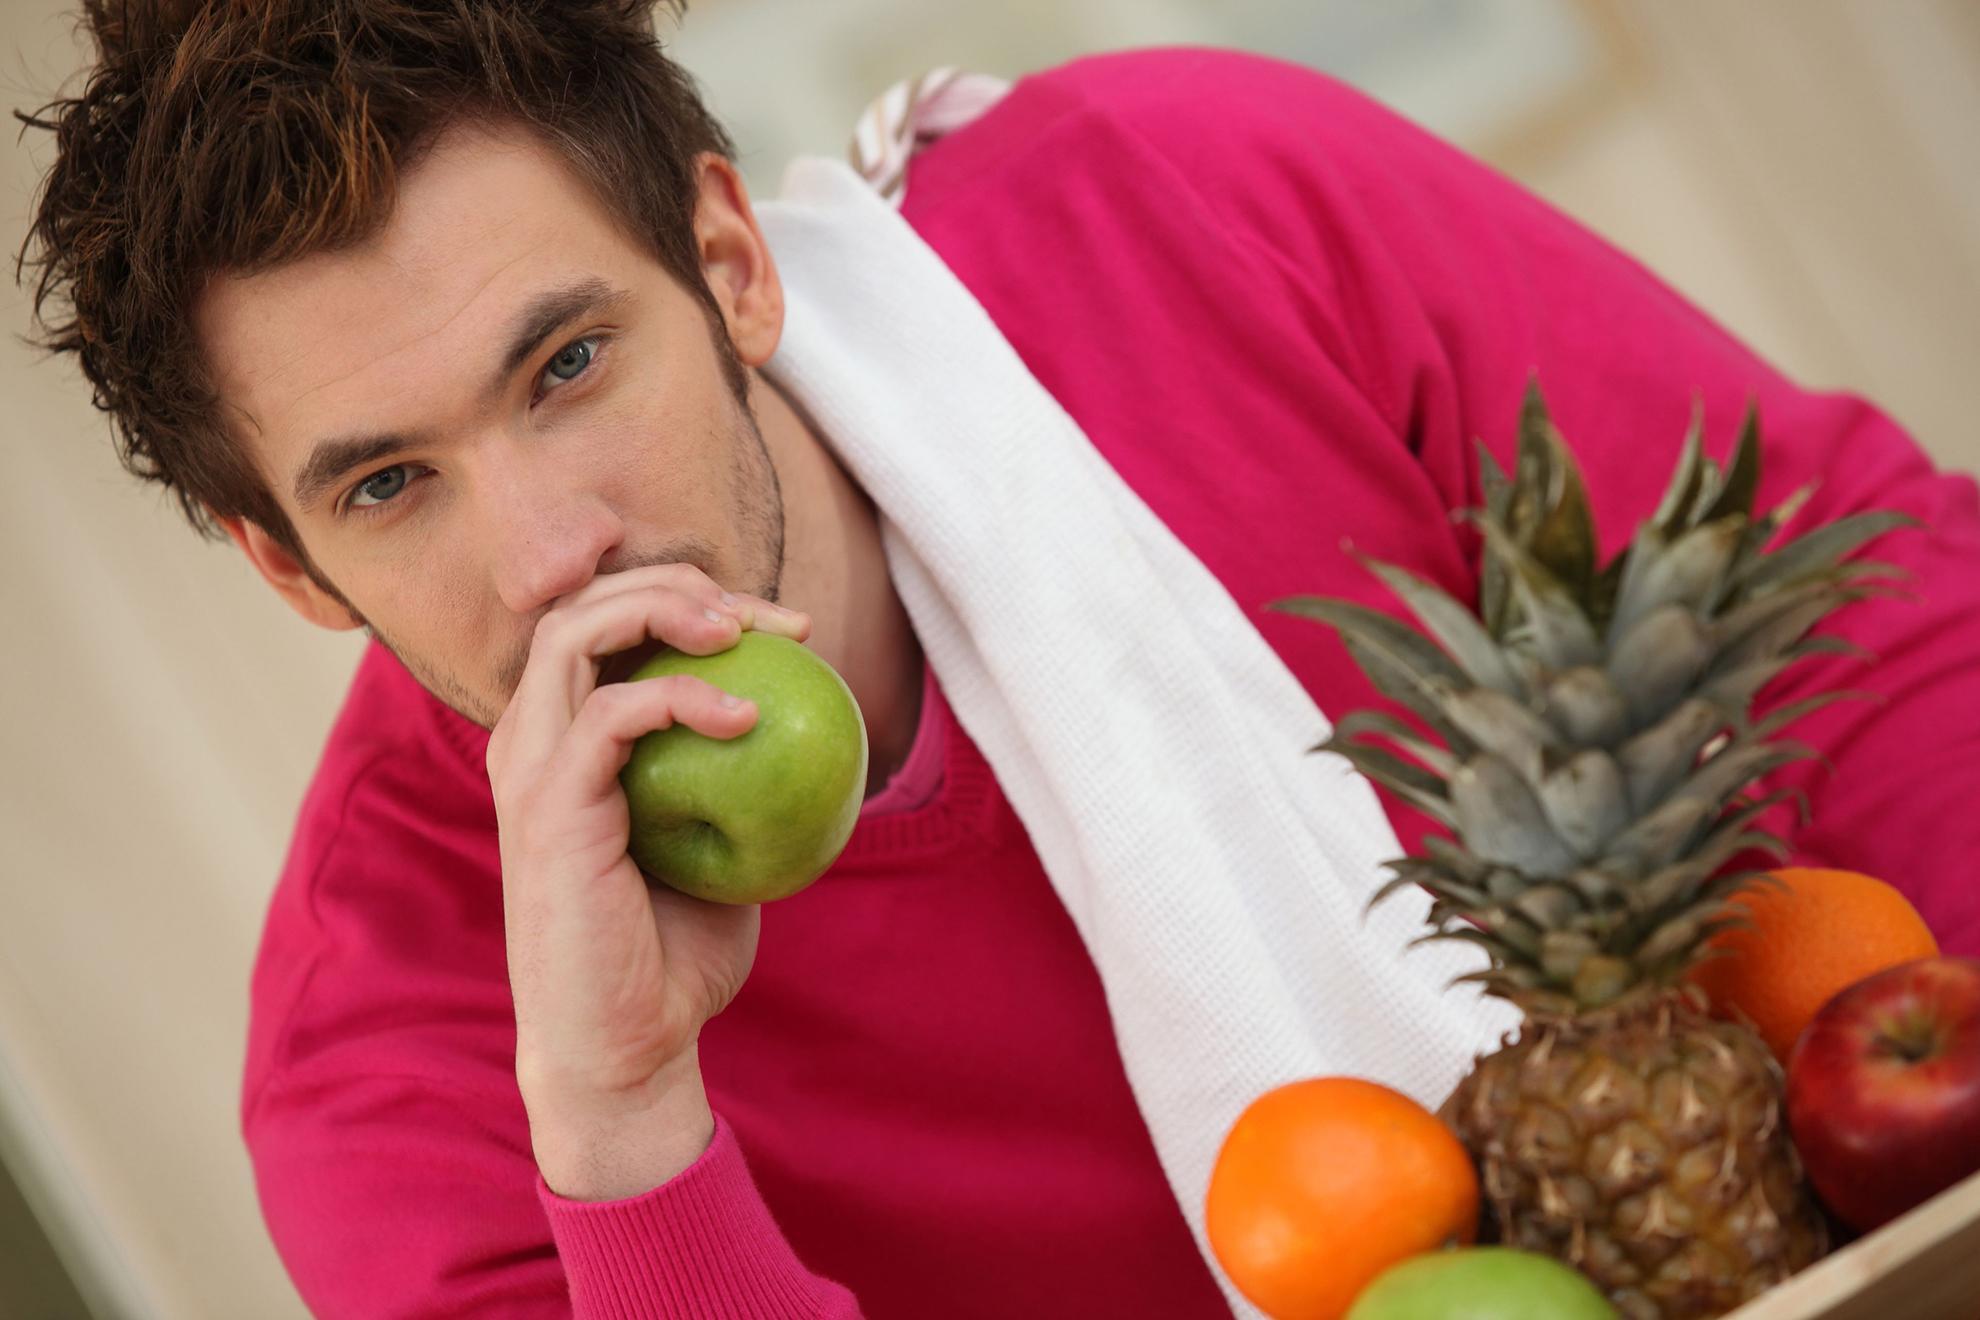 Опасные фрукты и «полезная» фруктоза. Как определить свой уровень безопасности? Часть #2